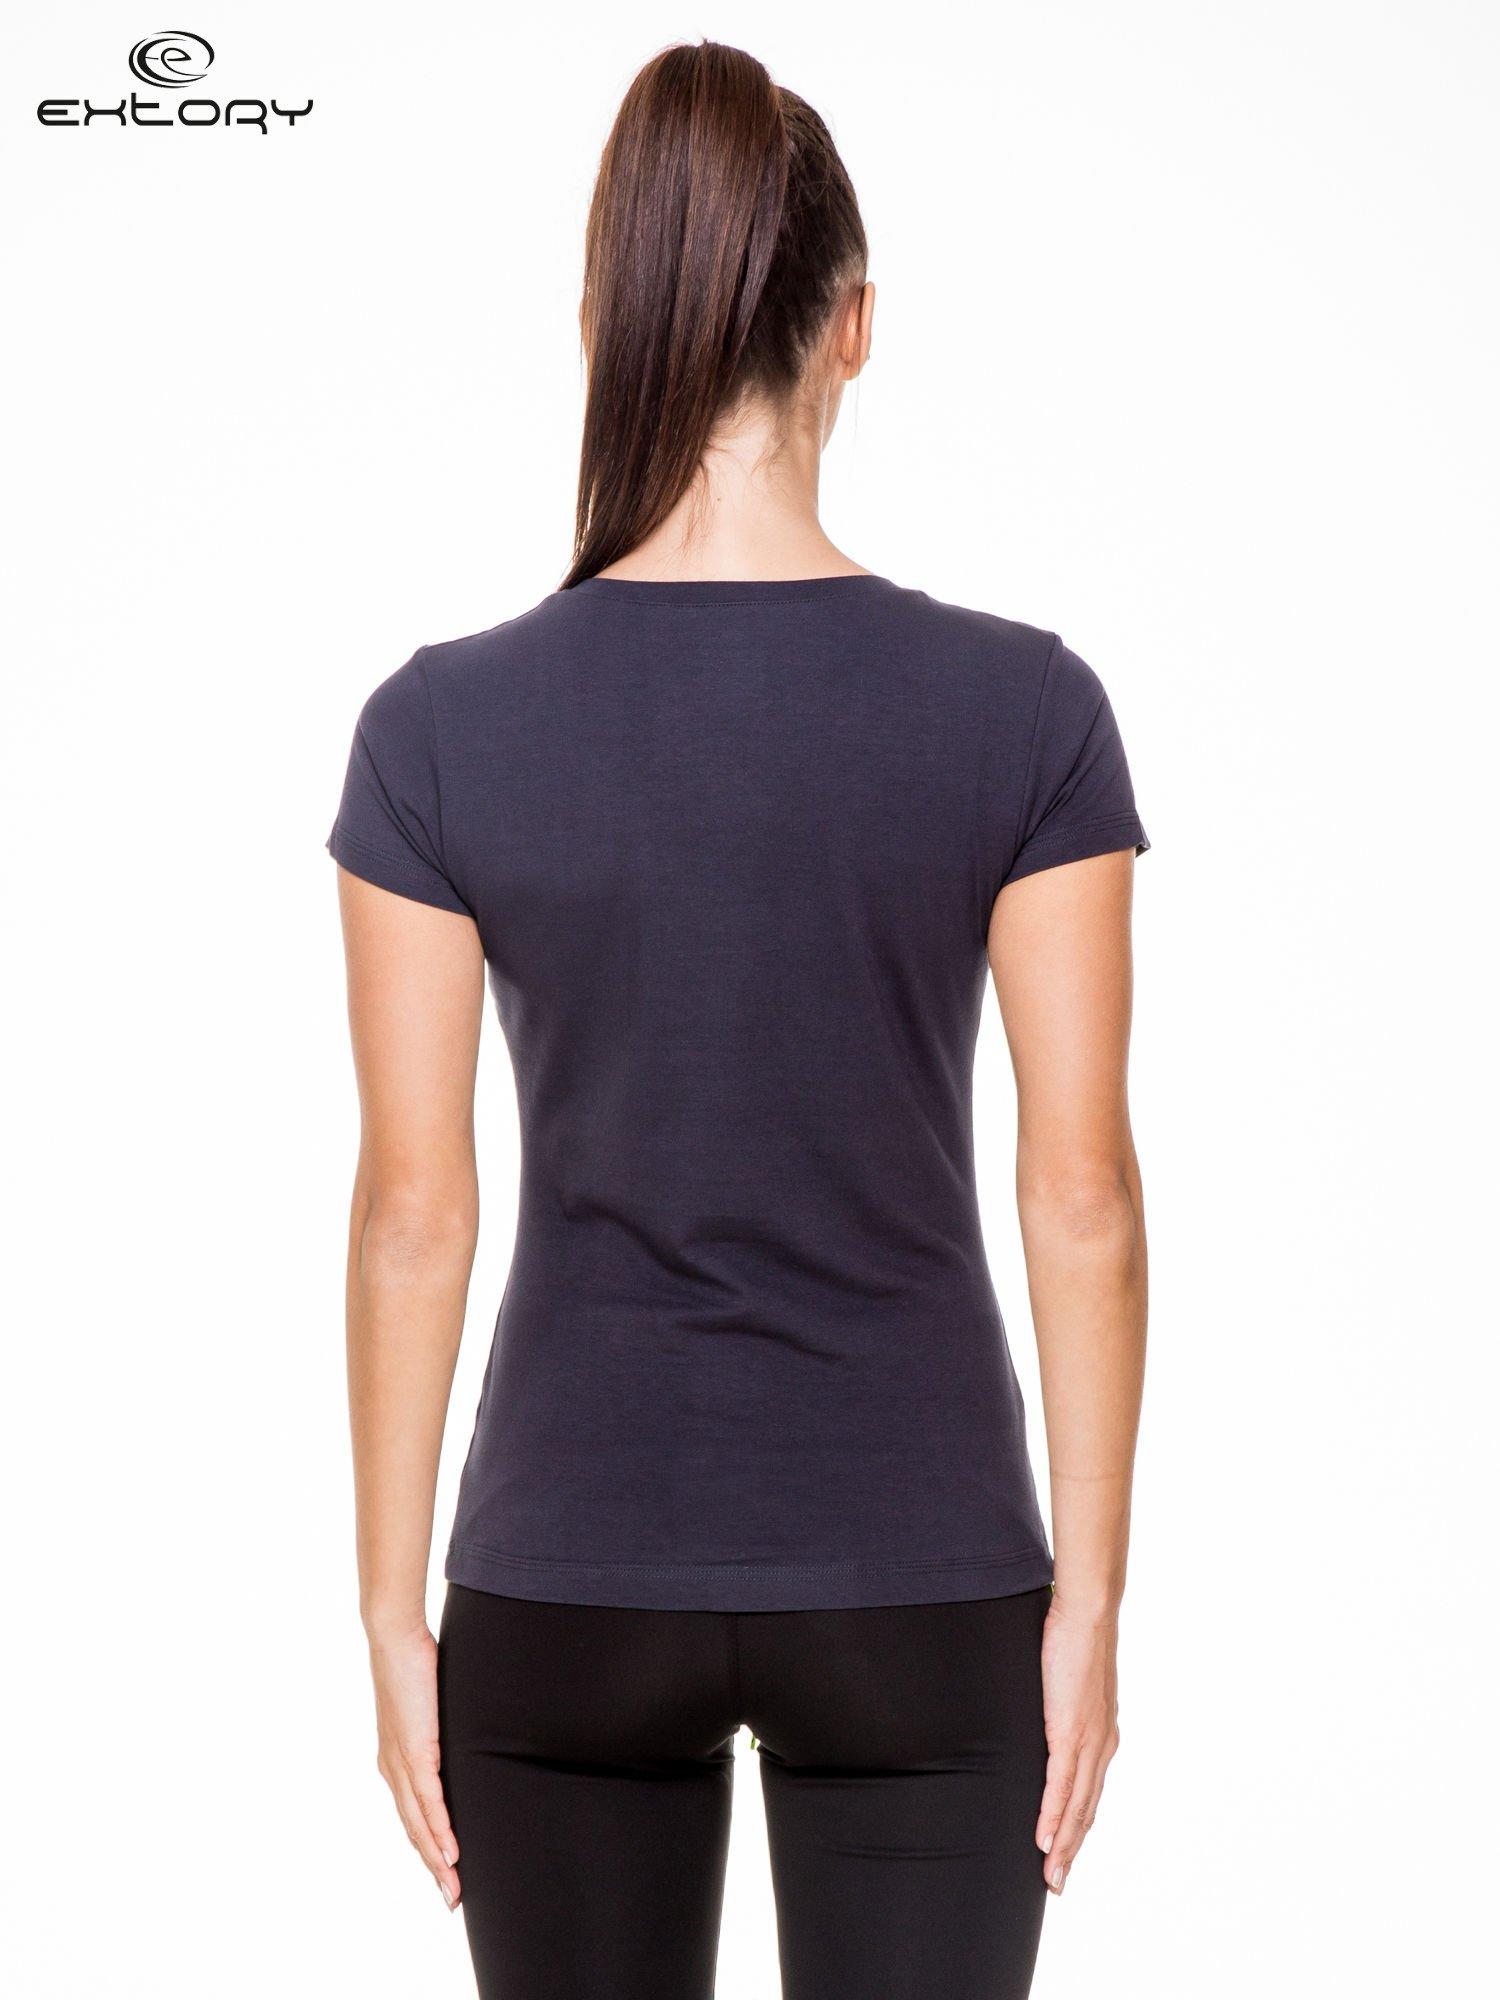 Granatowy damski t-shirt sportowy z modelującymi przeszyciami                                  zdj.                                  4